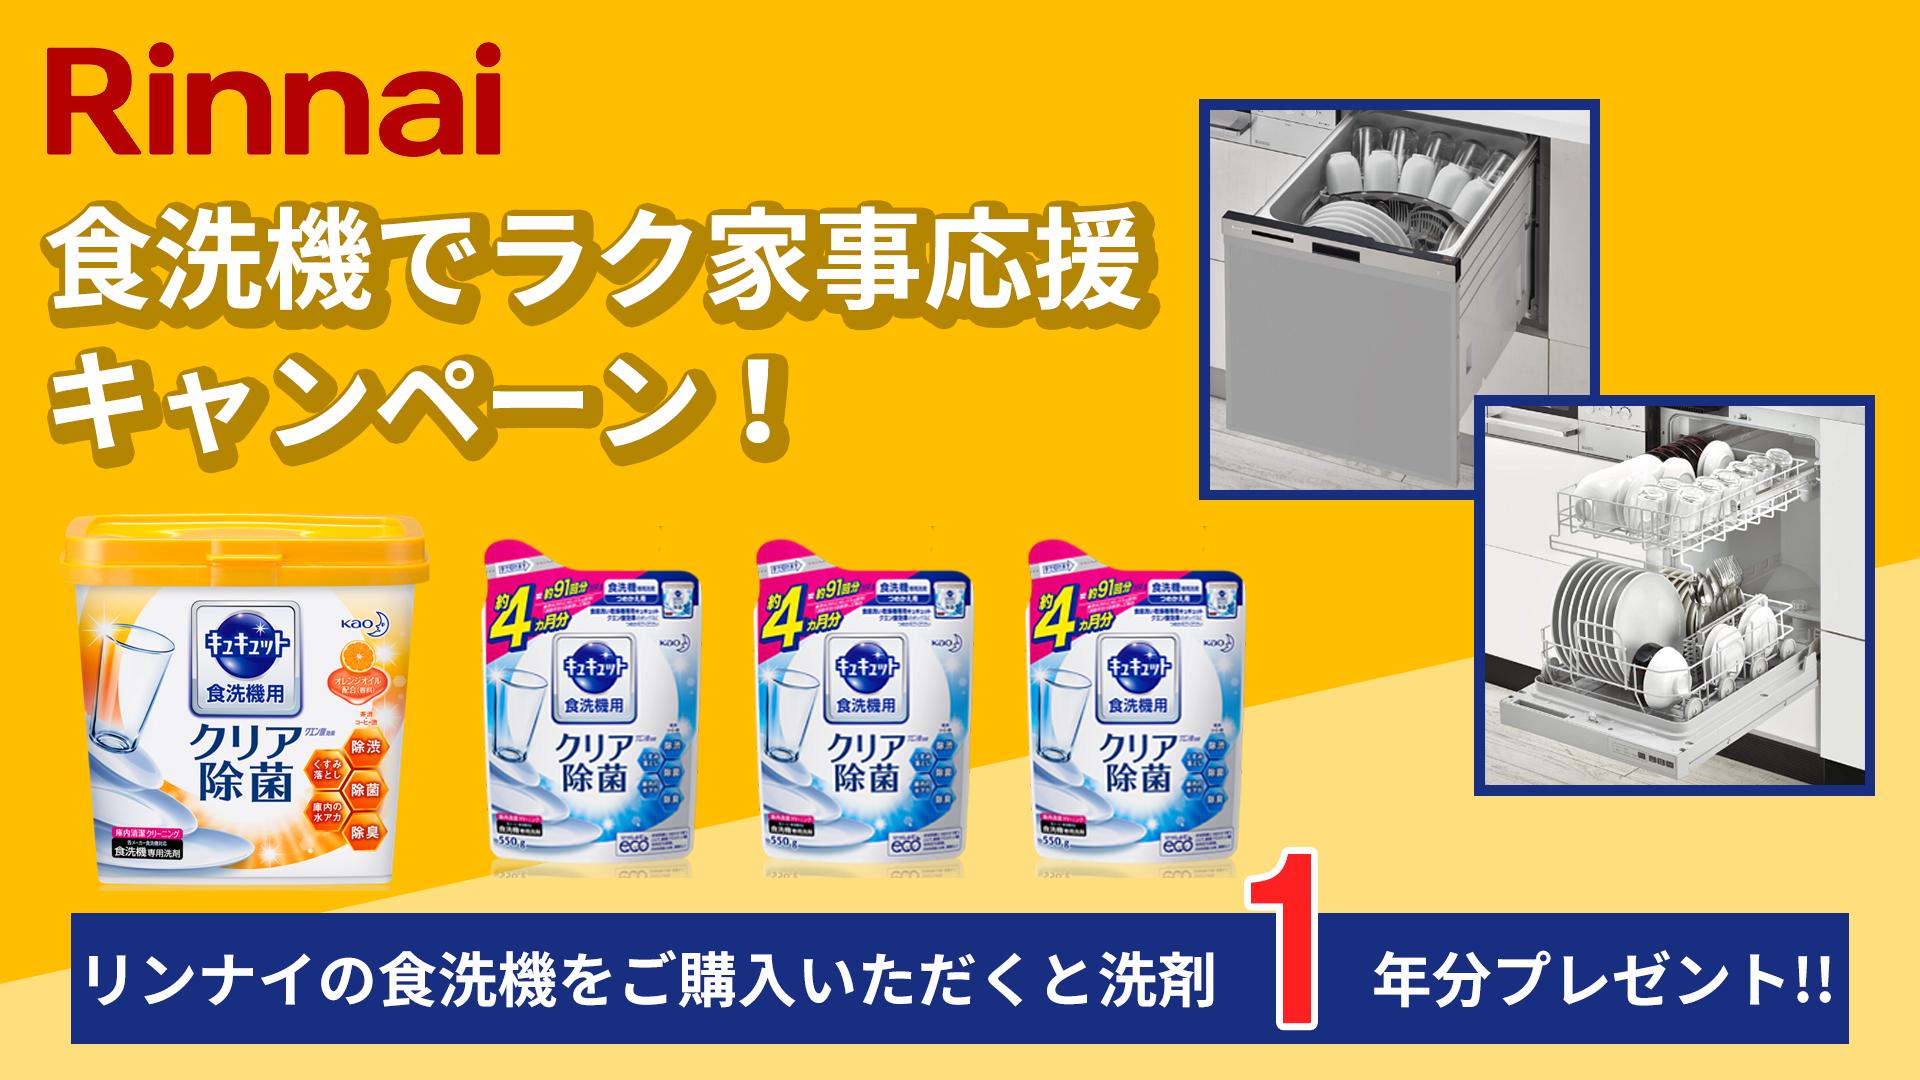 【2021年12月25日まで!!】洗剤1年分がもらえる!食洗機でラク家事応援キャンペーン!!